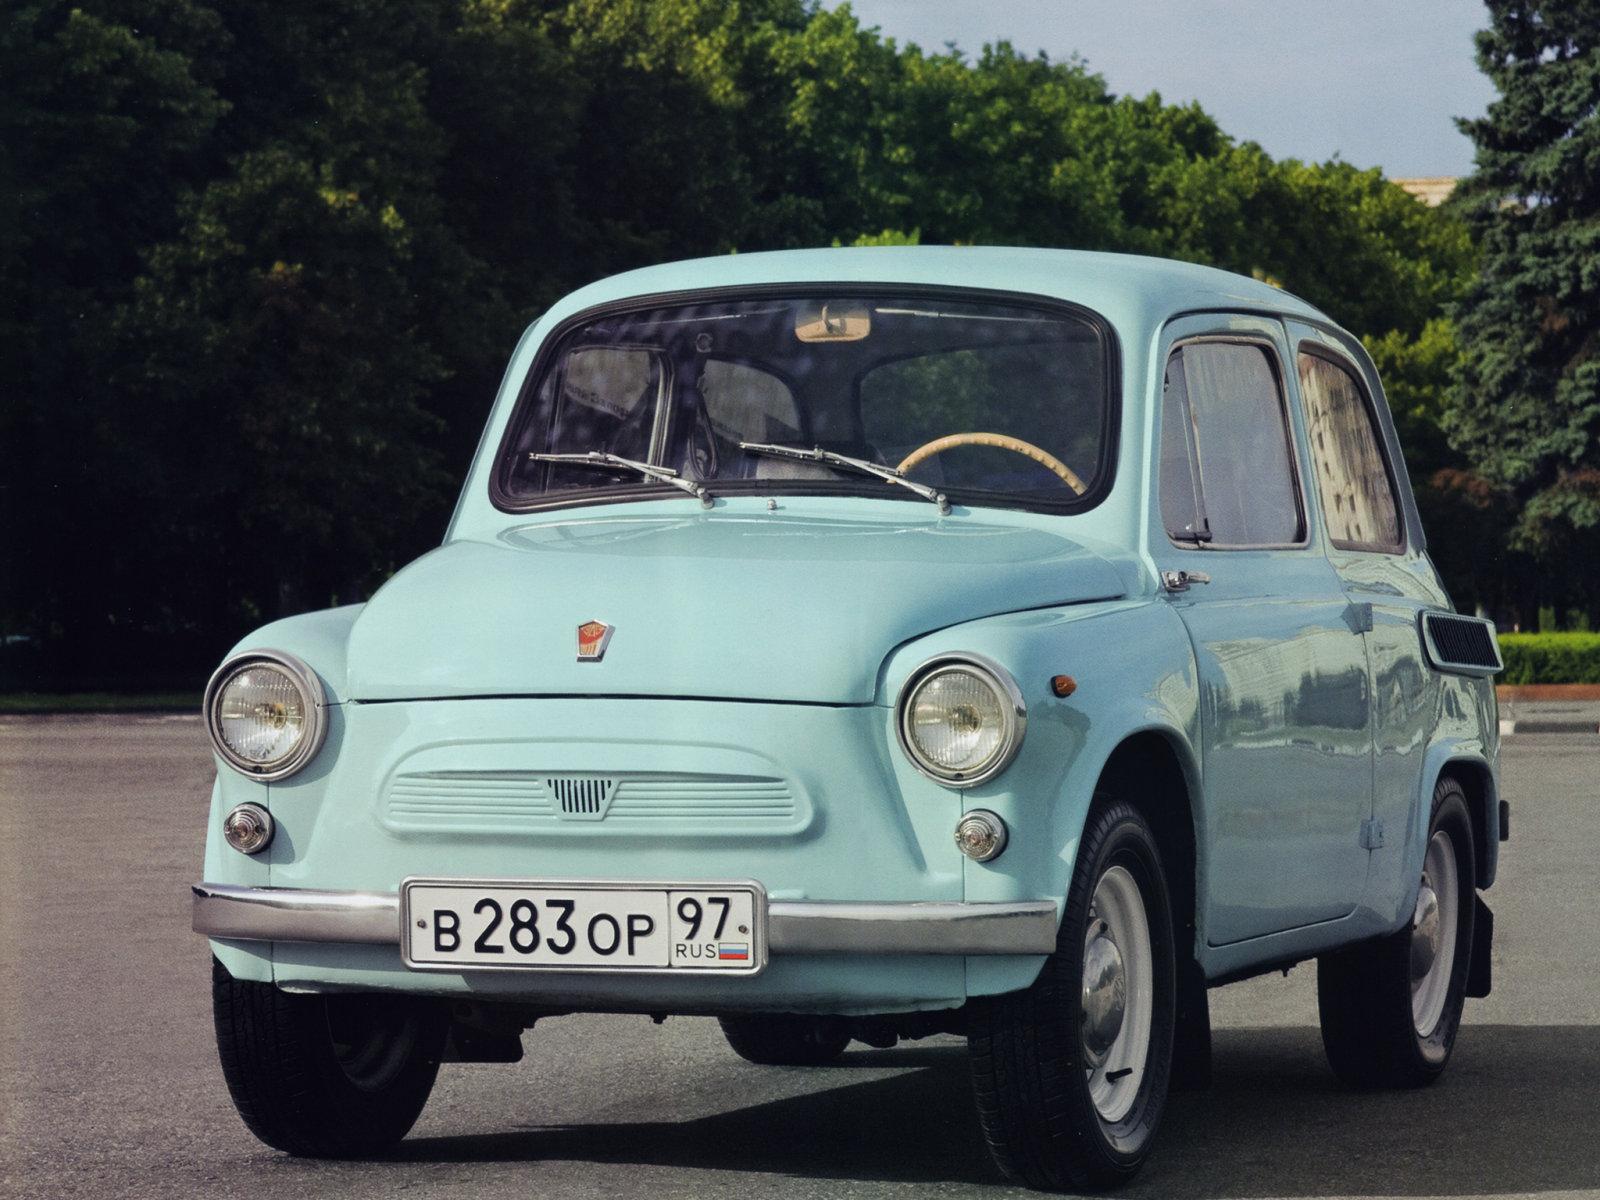 ЗАЗ 965 - советская малолитражка